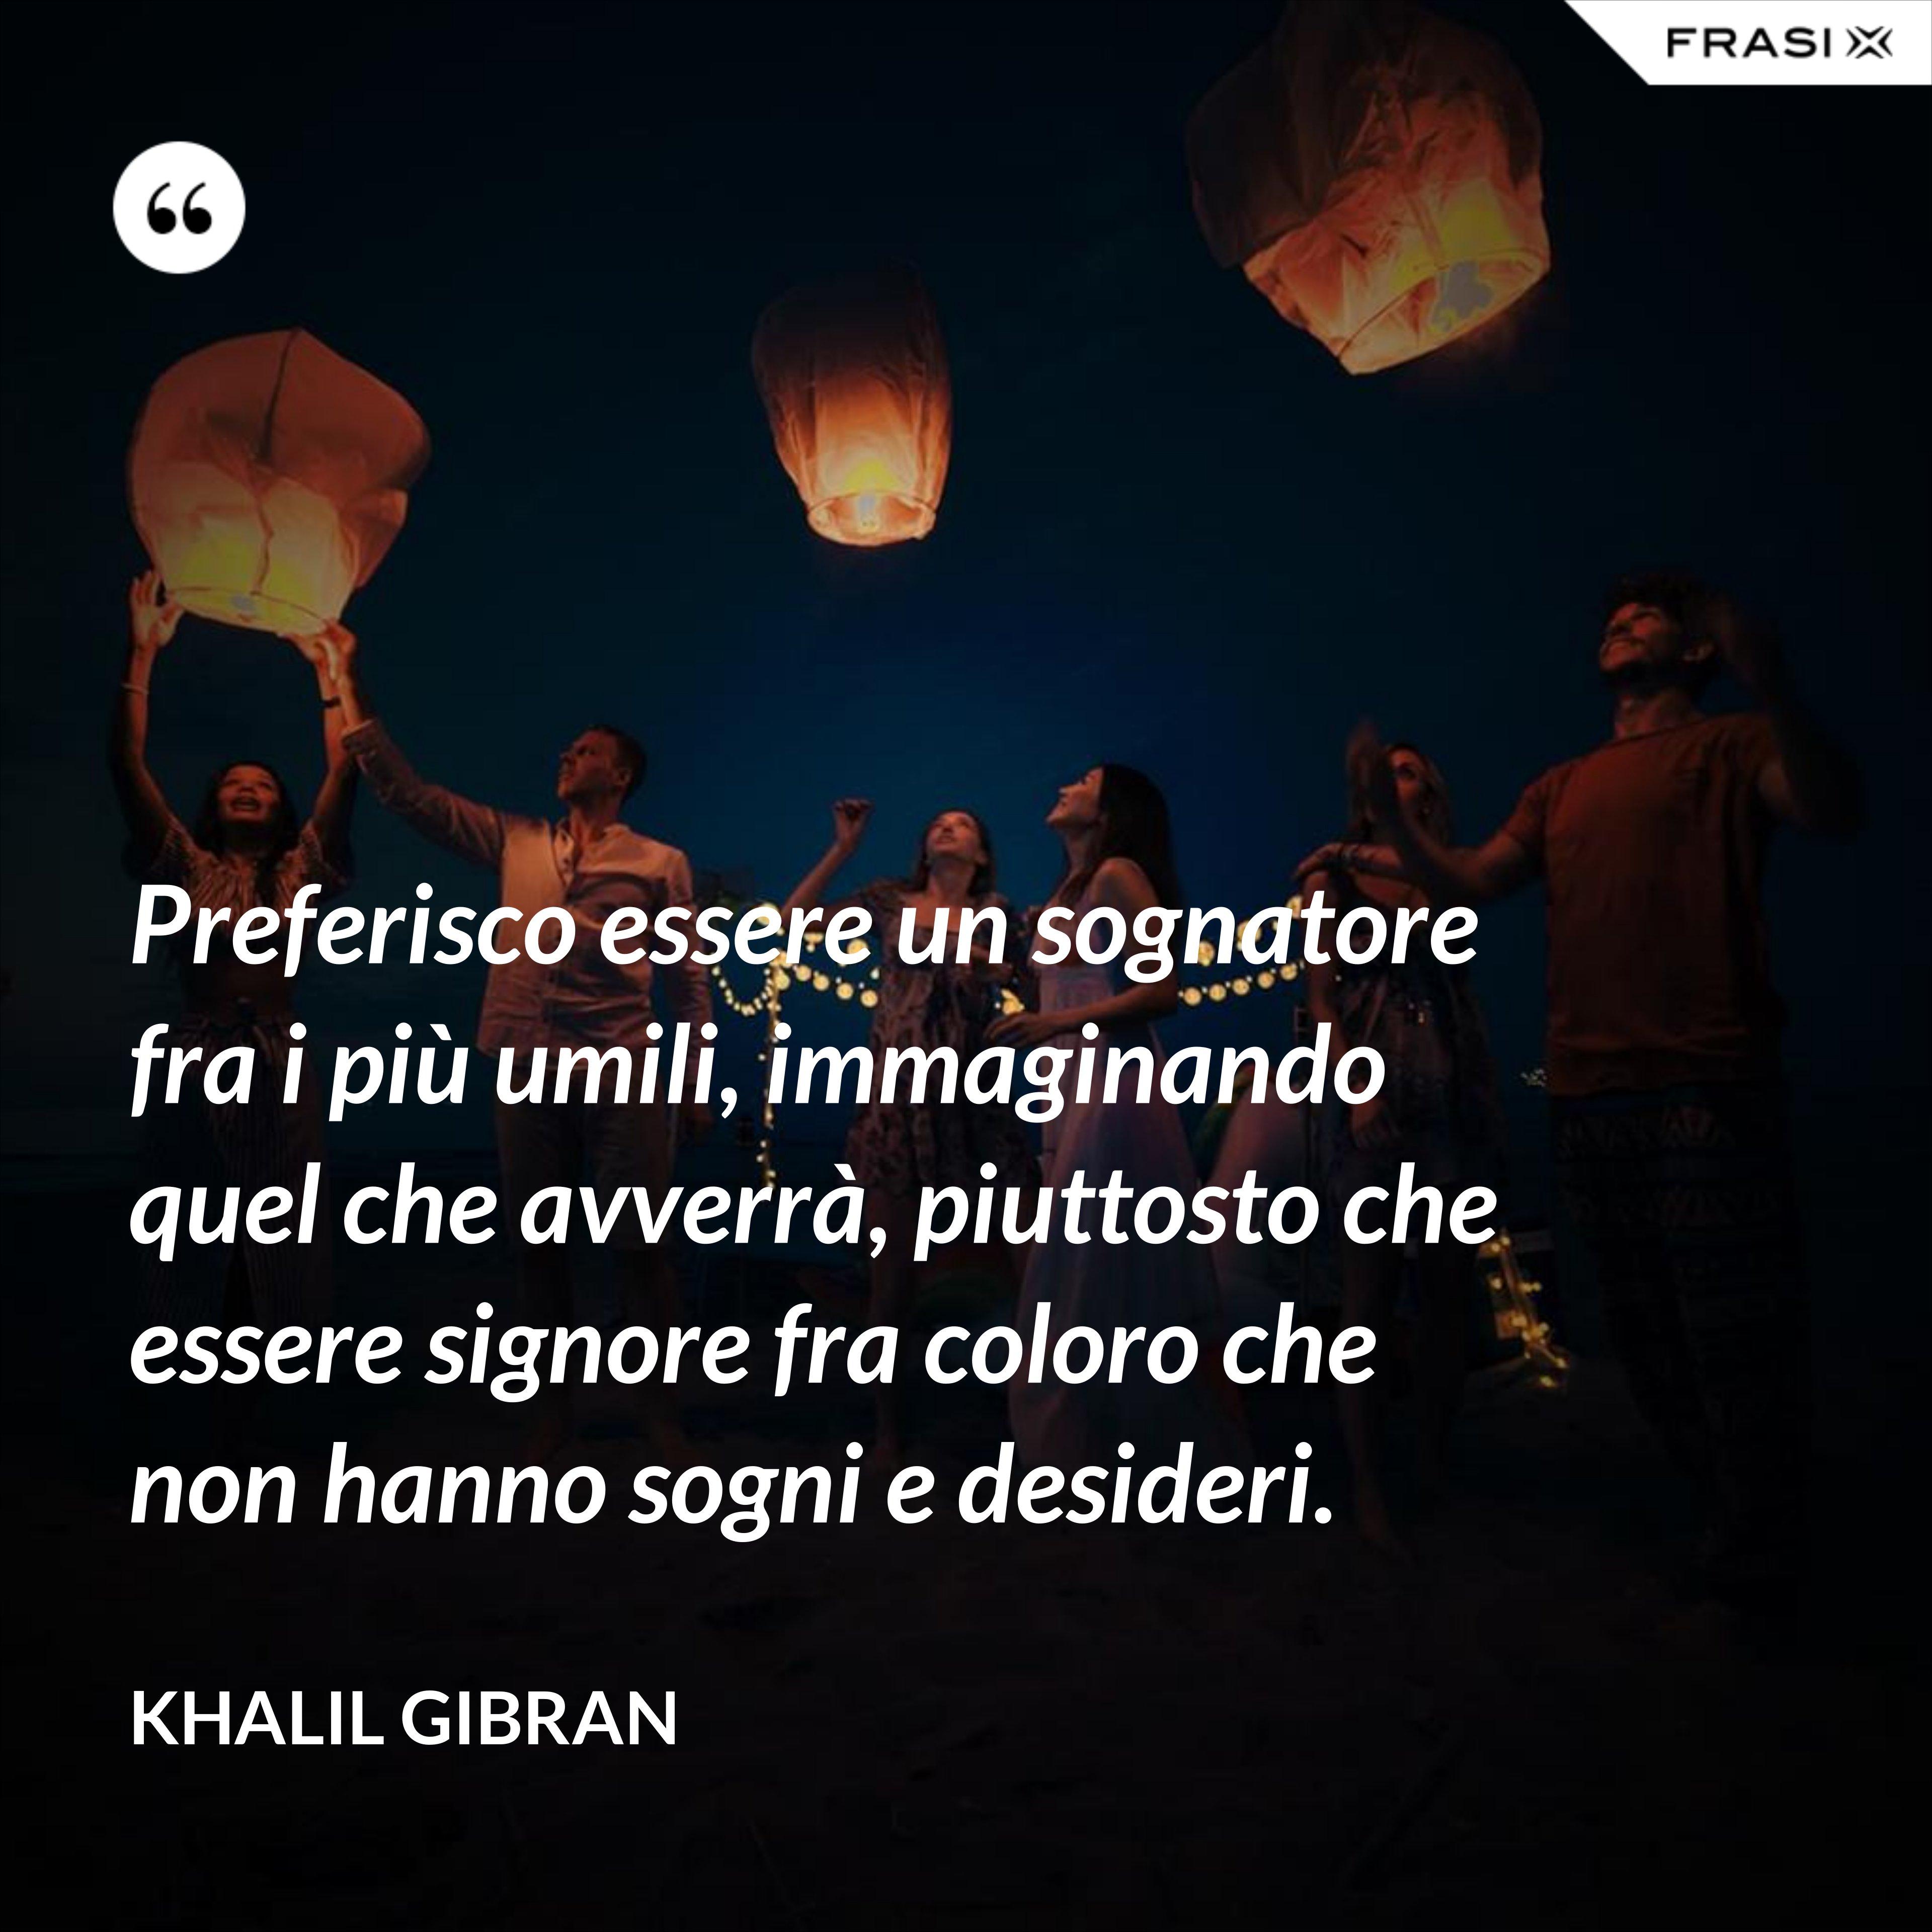 Preferisco essere un sognatore fra i più umili, immaginando quel che avverrà, piuttosto che essere signore fra coloro che non hanno sogni e desideri. - Khalil Gibran